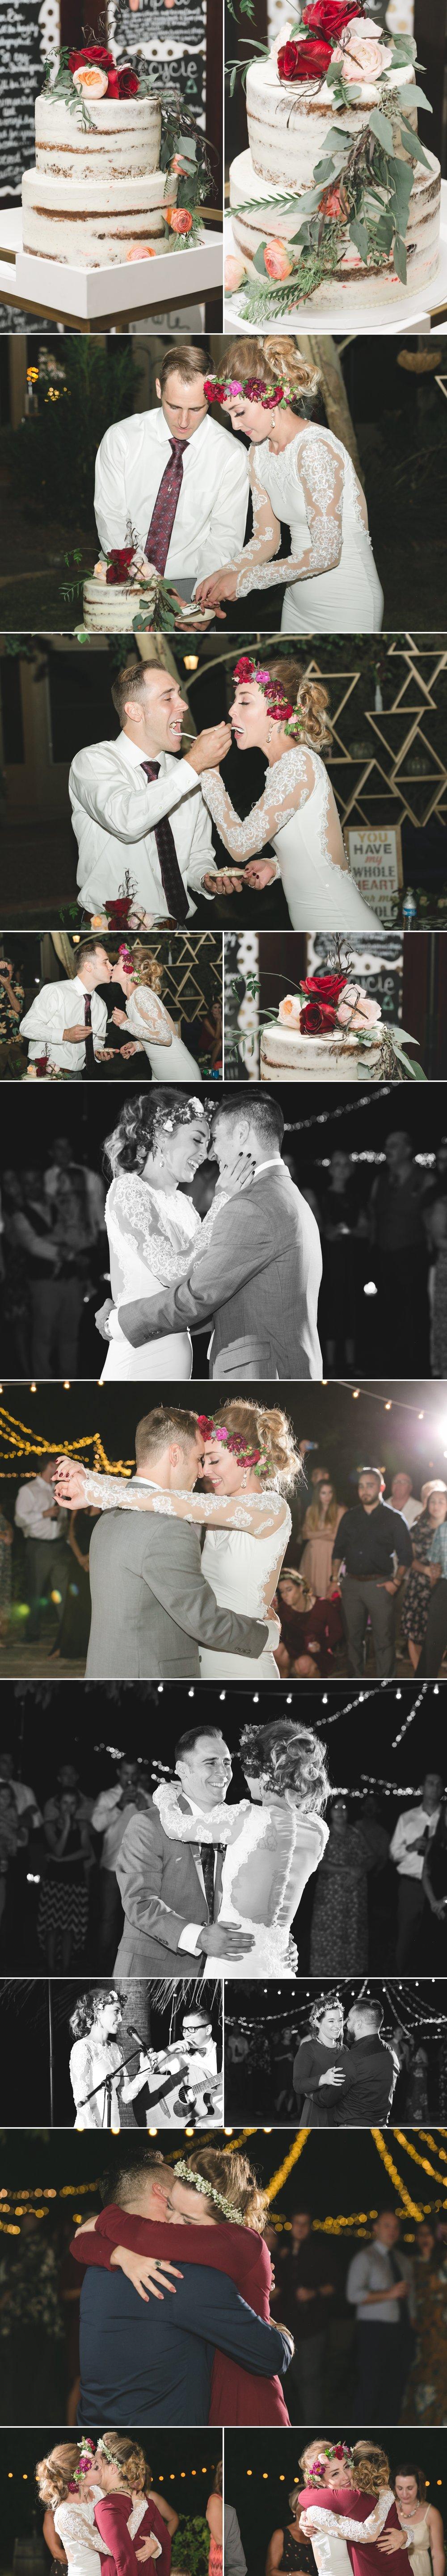 SAW WEDDING 6.jpg